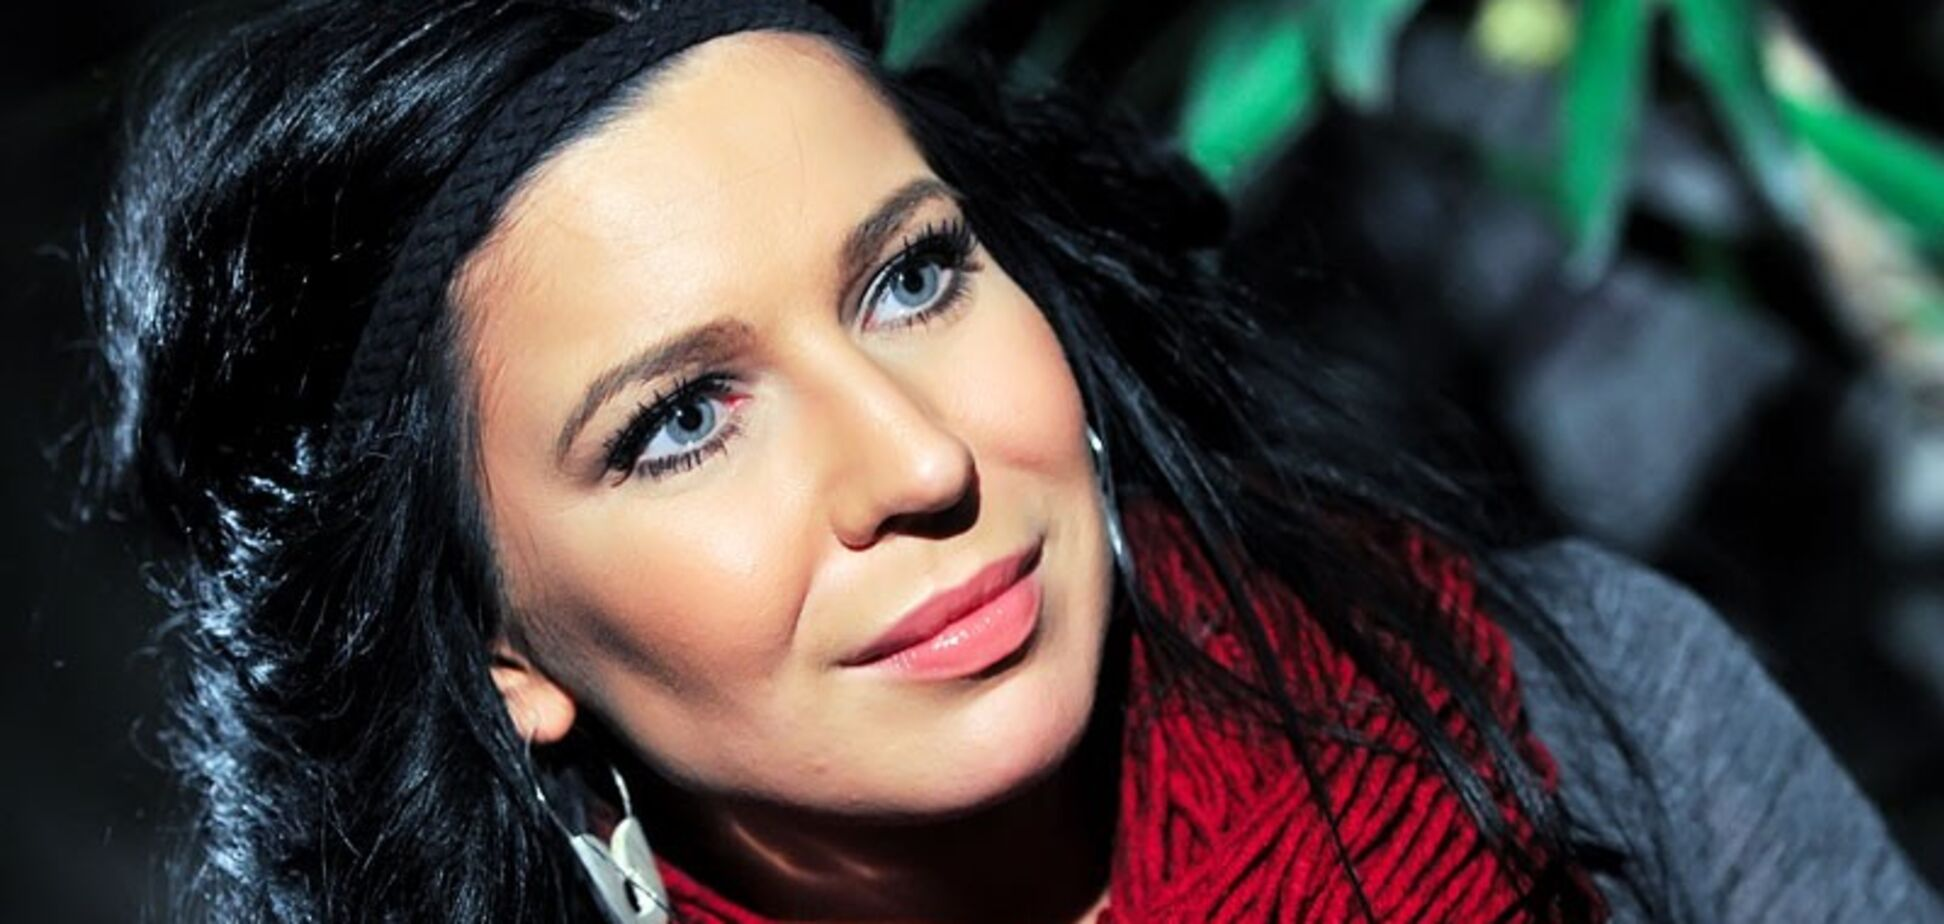 'Здесь я певица': украинская звезда призналась, почему не бросит Москву